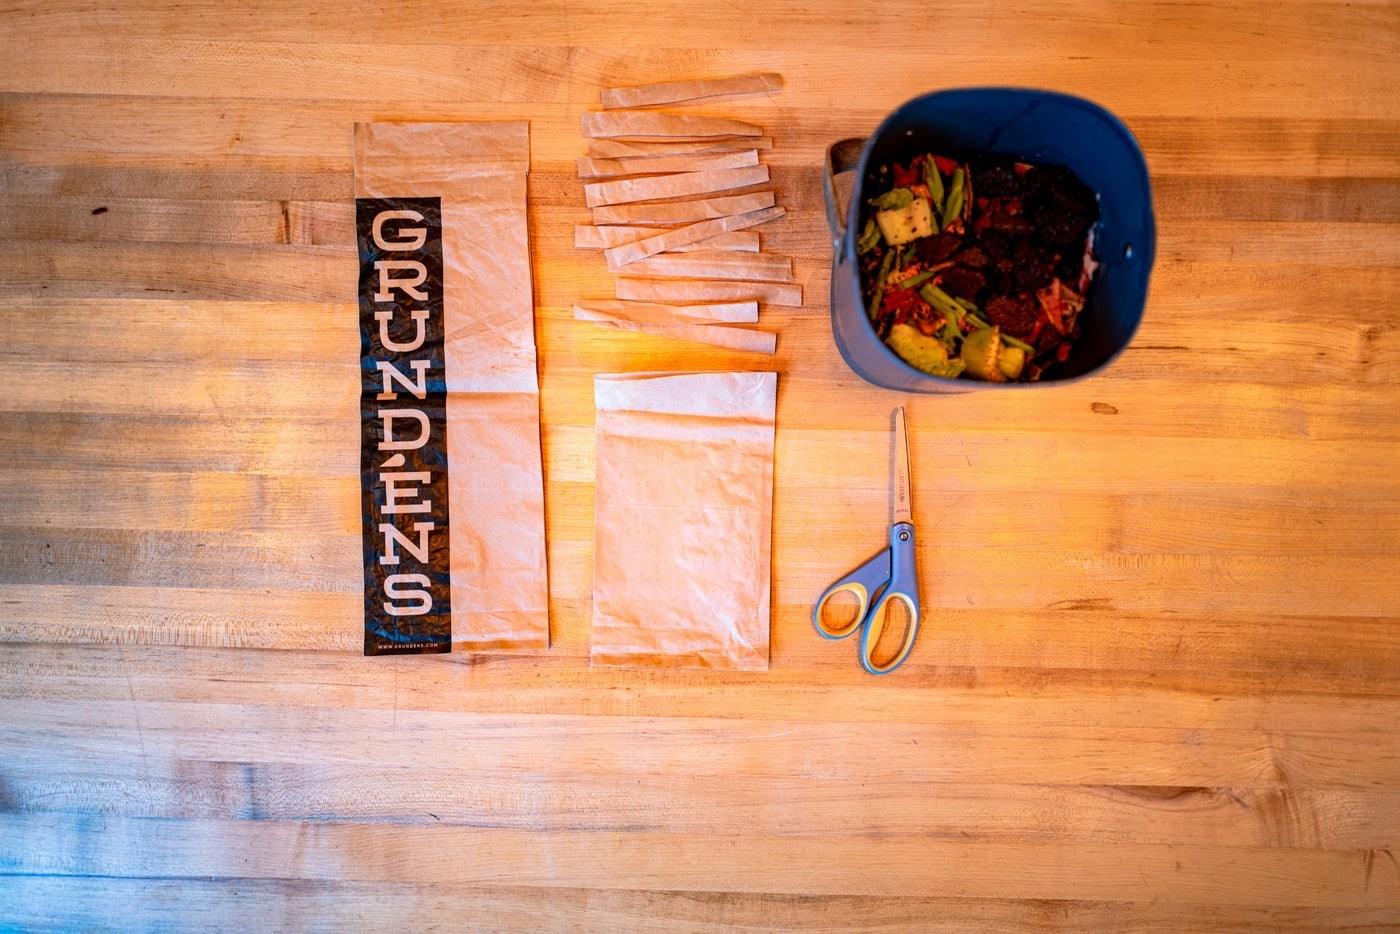 Grundens compostable bag